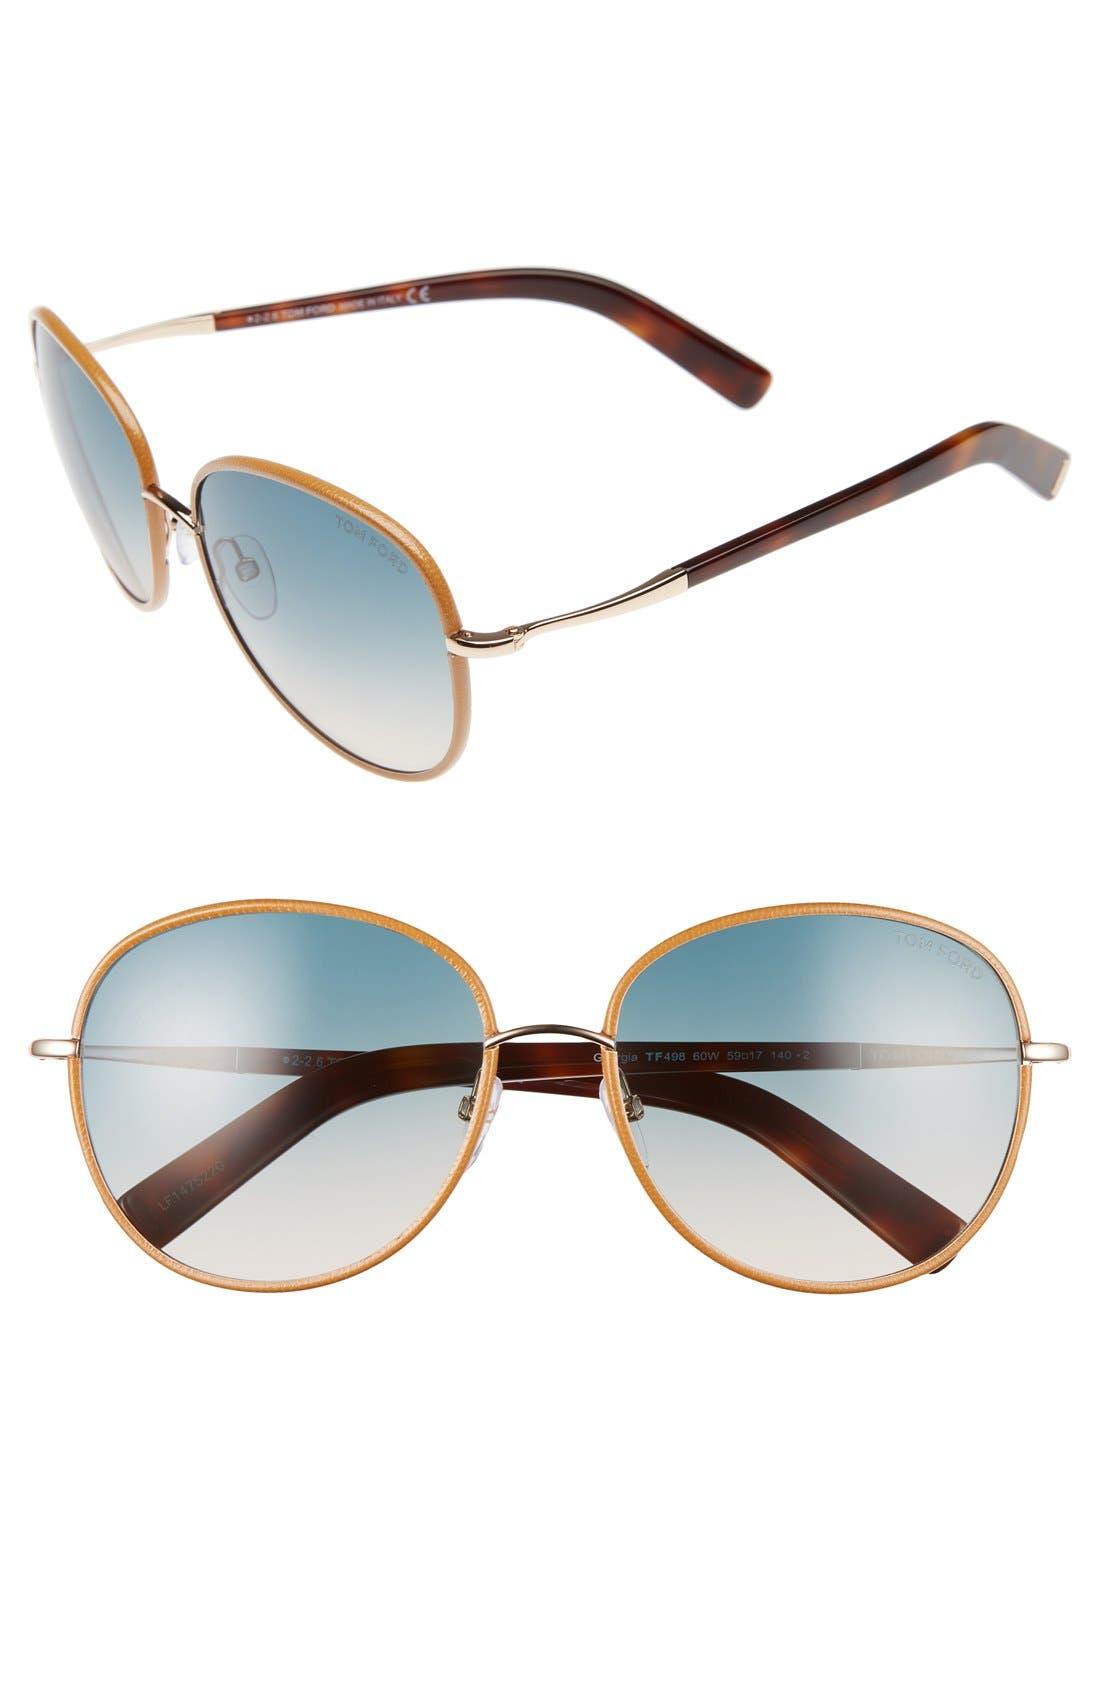 Georgia 59mm Sunglasses,                         Main,                         color, 710